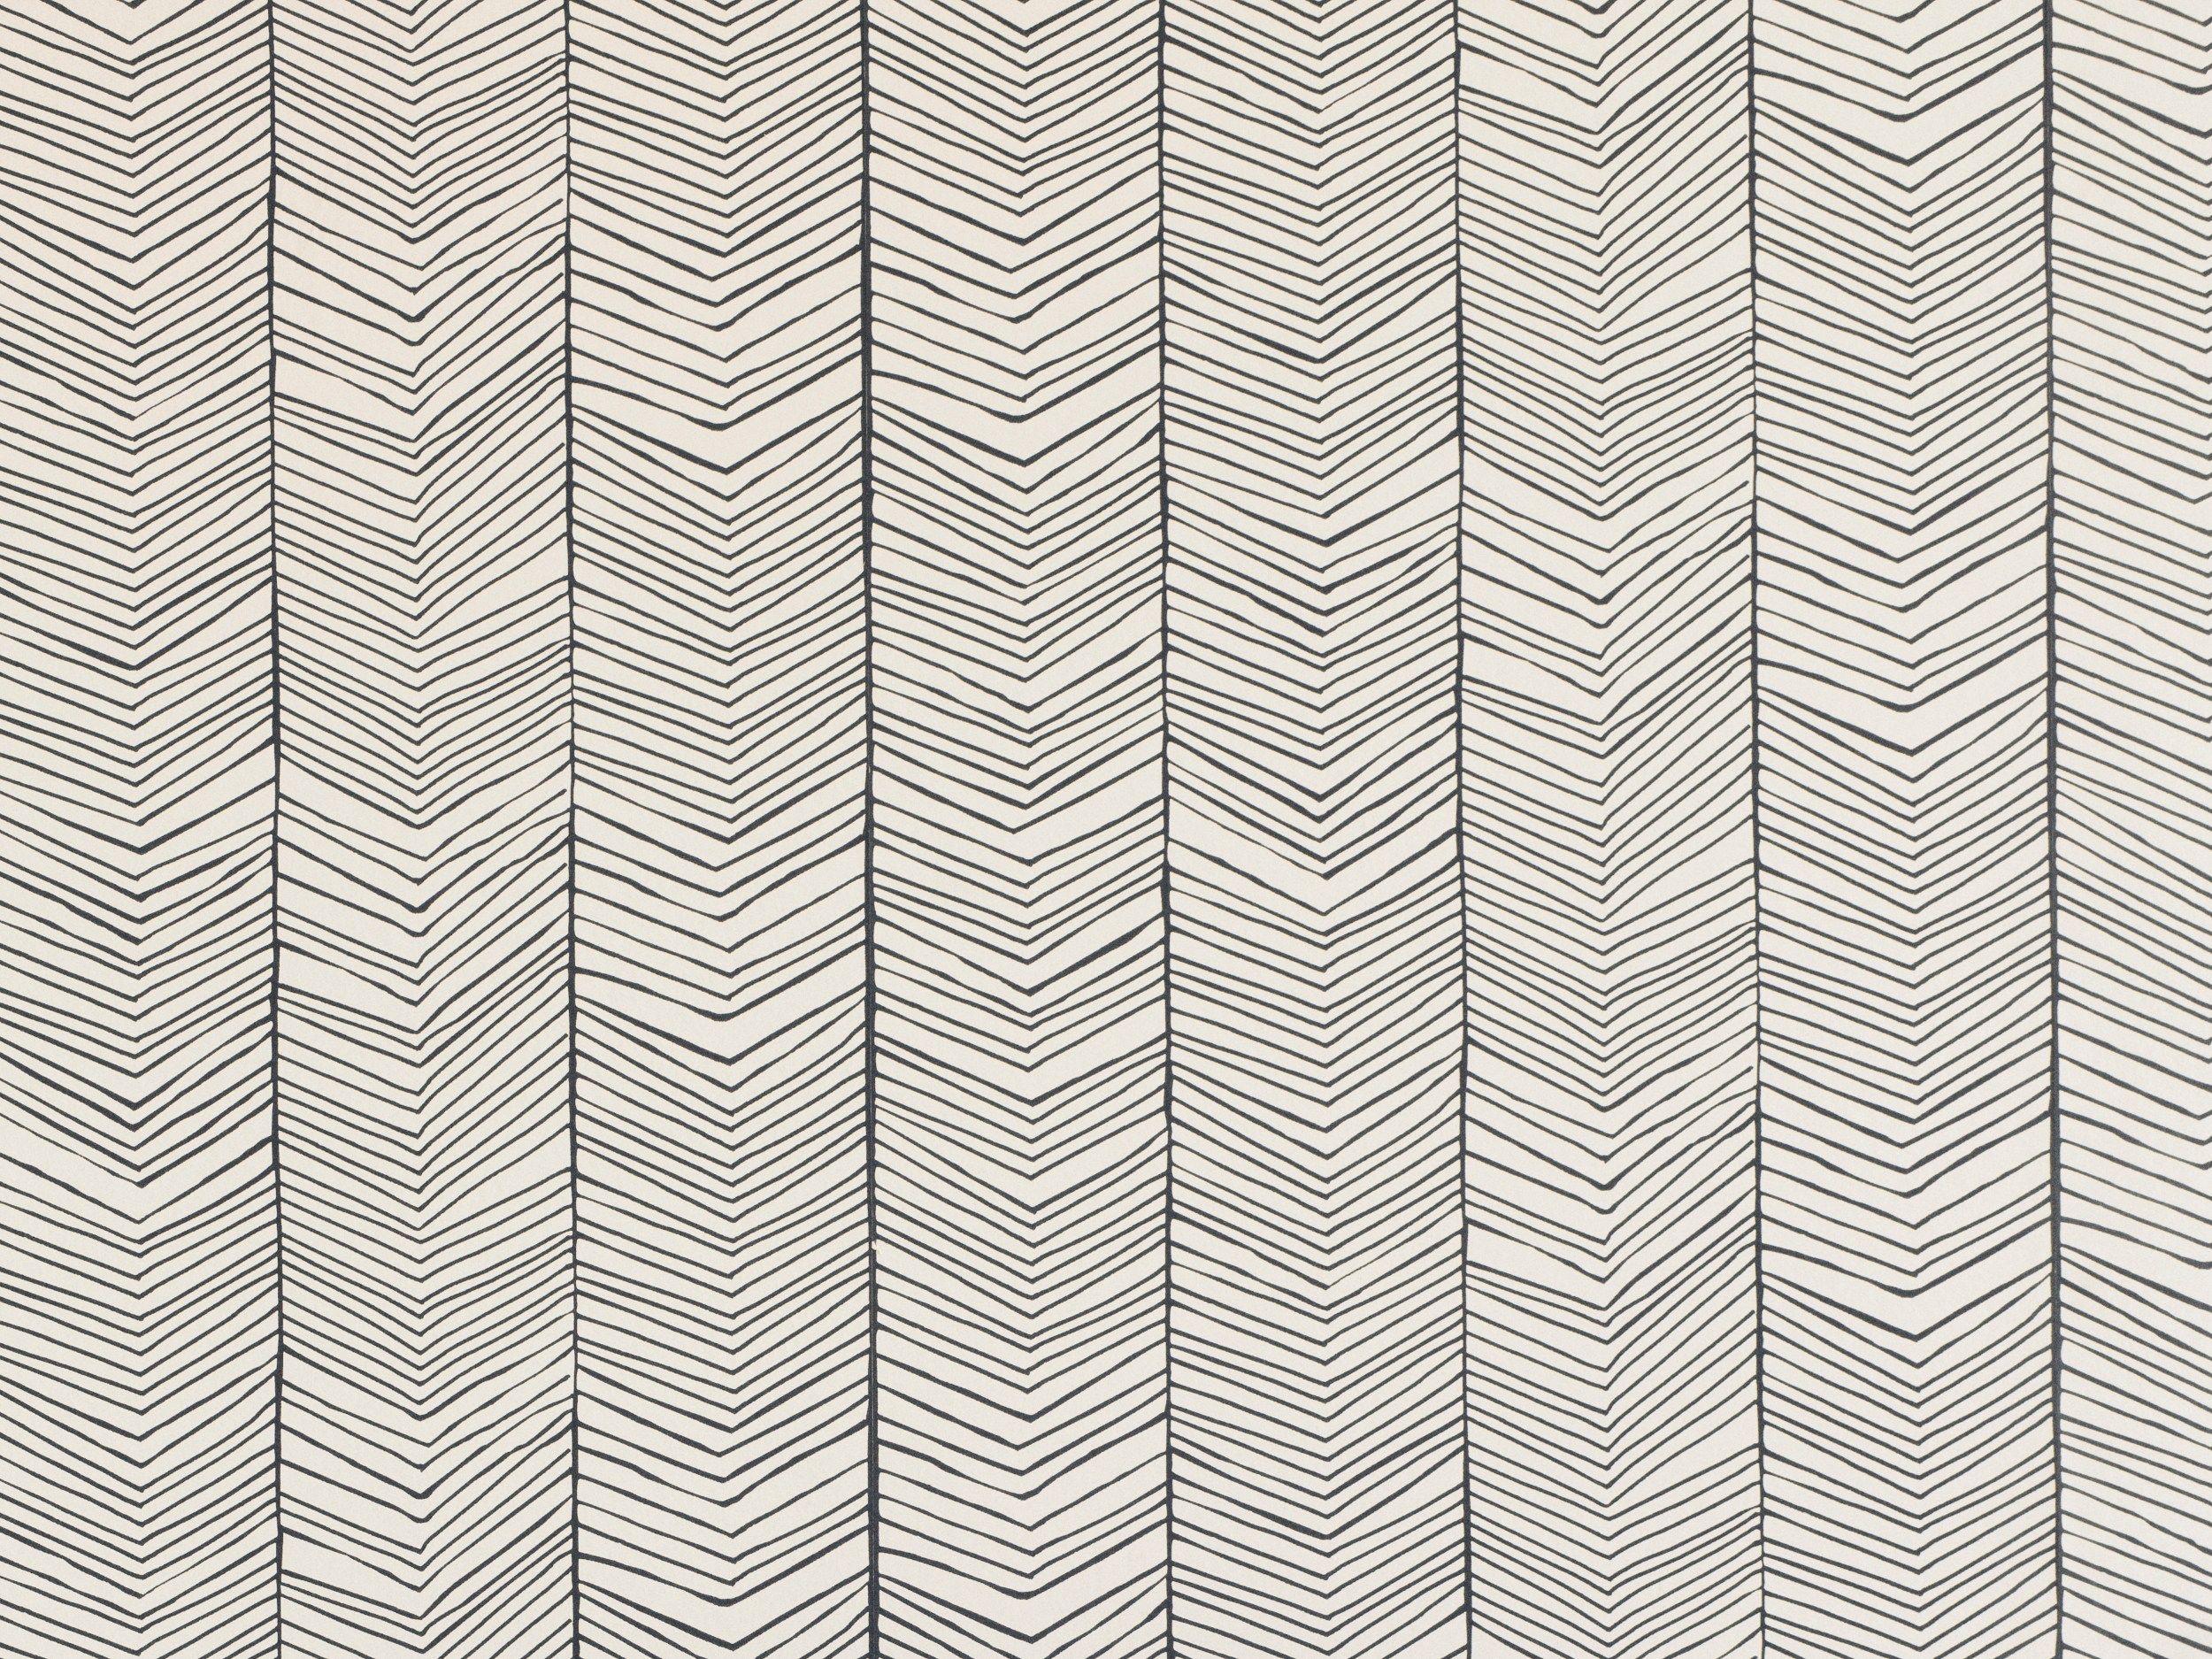 Papier Peint À Motifs pour Épinglé par lucas ninard sur motif perforé | pinterest | papier